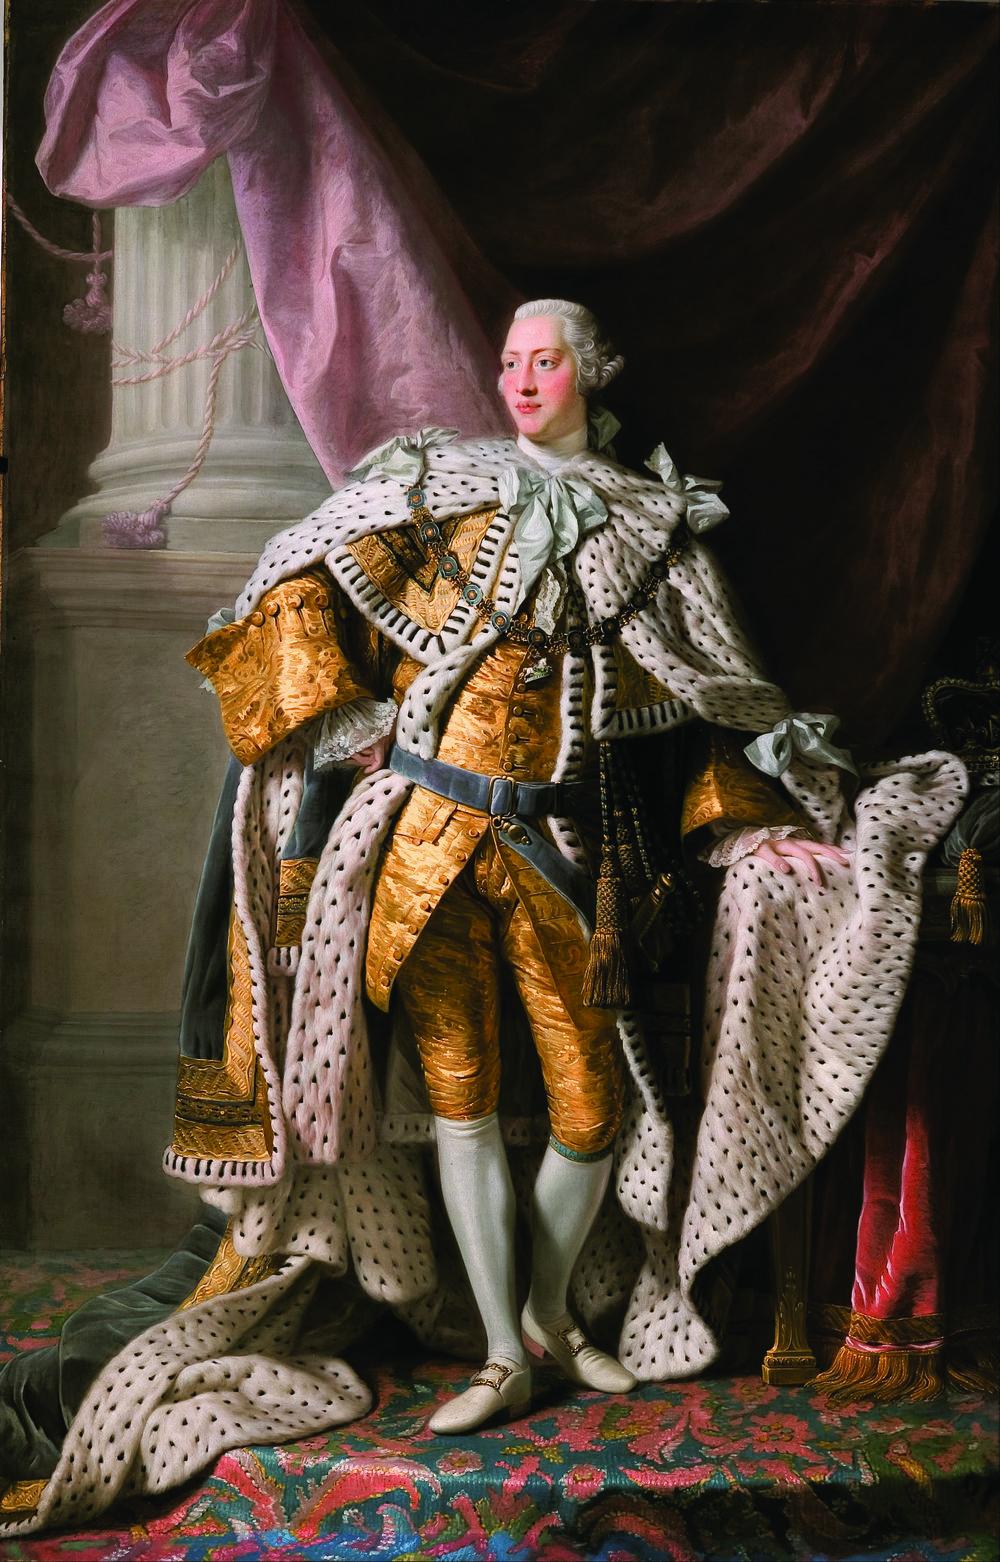 英國國王喬治三世1762年的肖像畫,由Allan Ramsay繪製。sloukam / Shutterstock.com